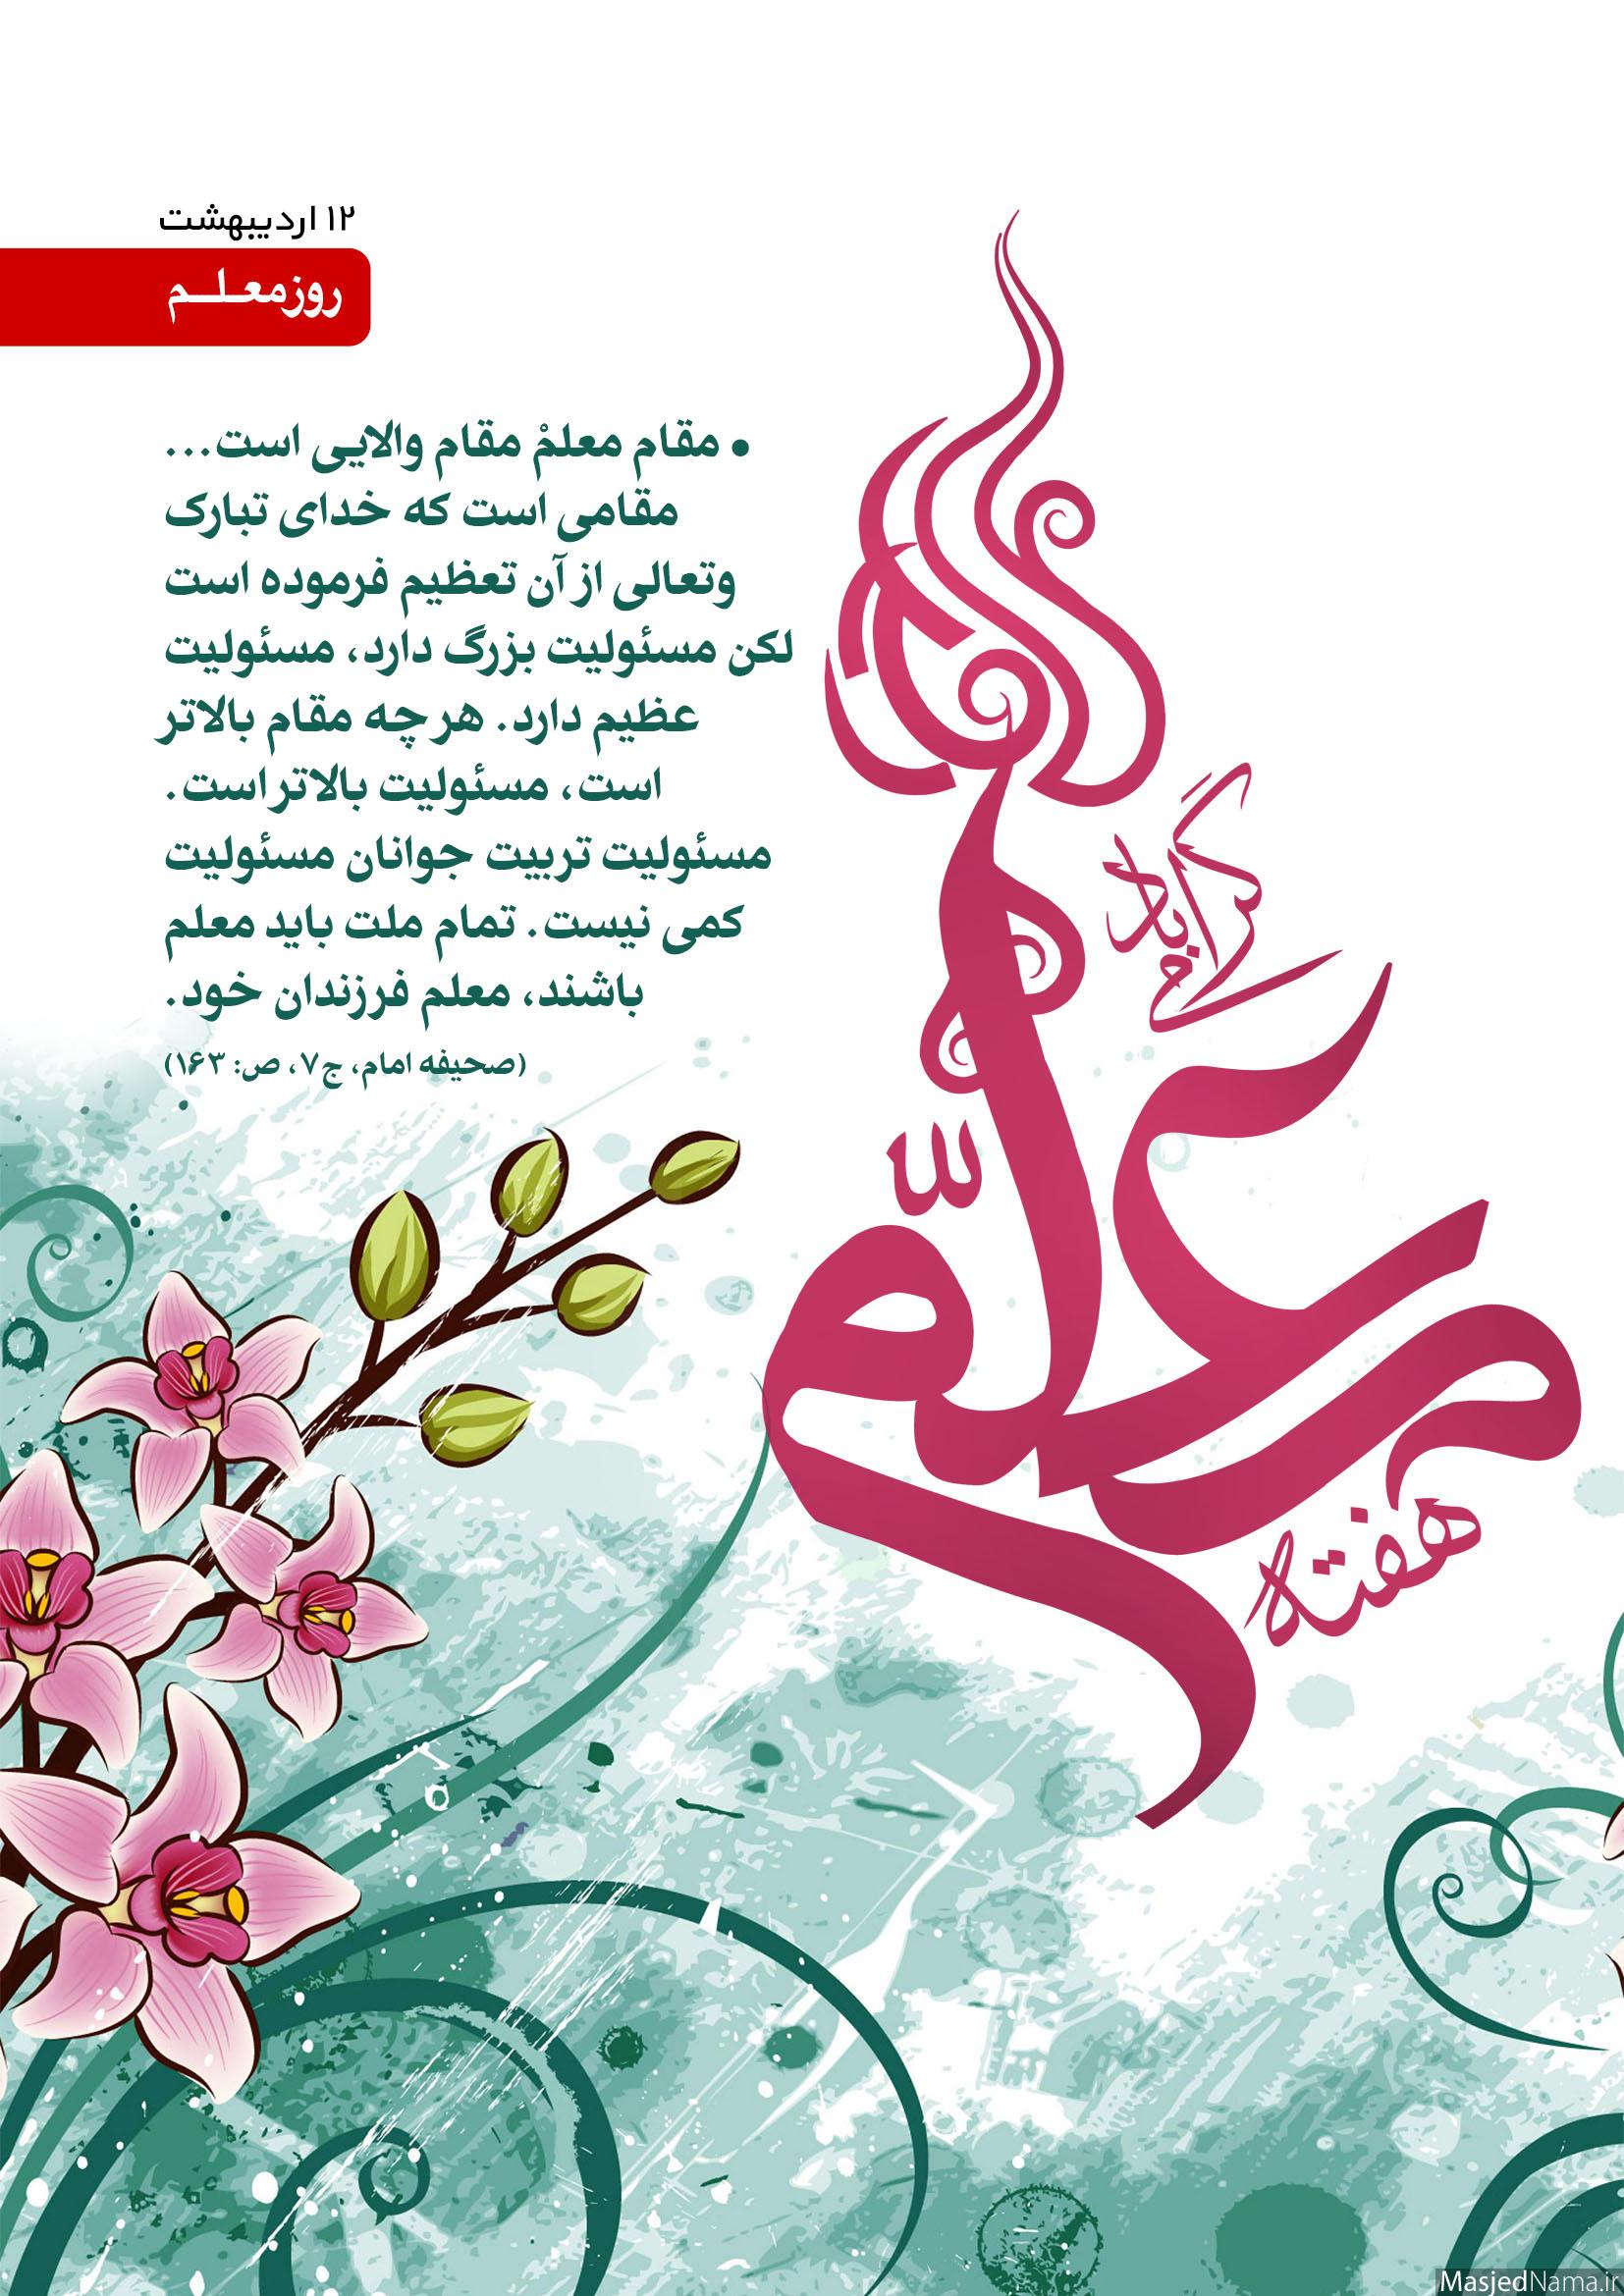 http://bayanbox.ir/view/5558909109643353120/Moallem-3-C.jpg